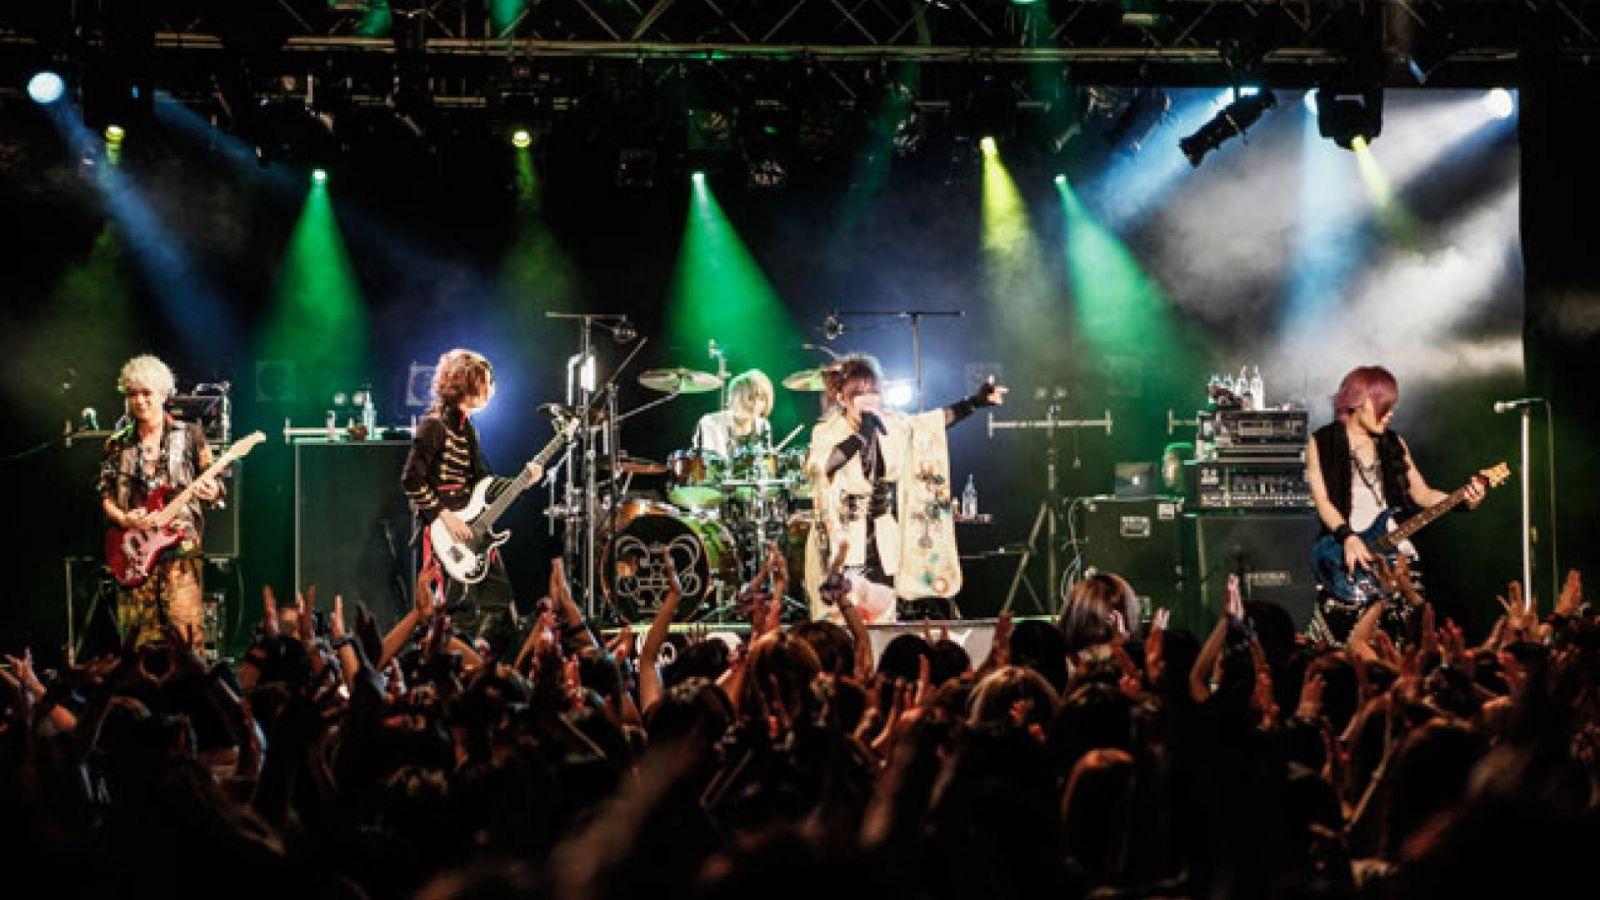 Último show da turnê NEVER ENDING SIRIUS do DaizyStripper no Shinjuku Blaze © DaizyStripper